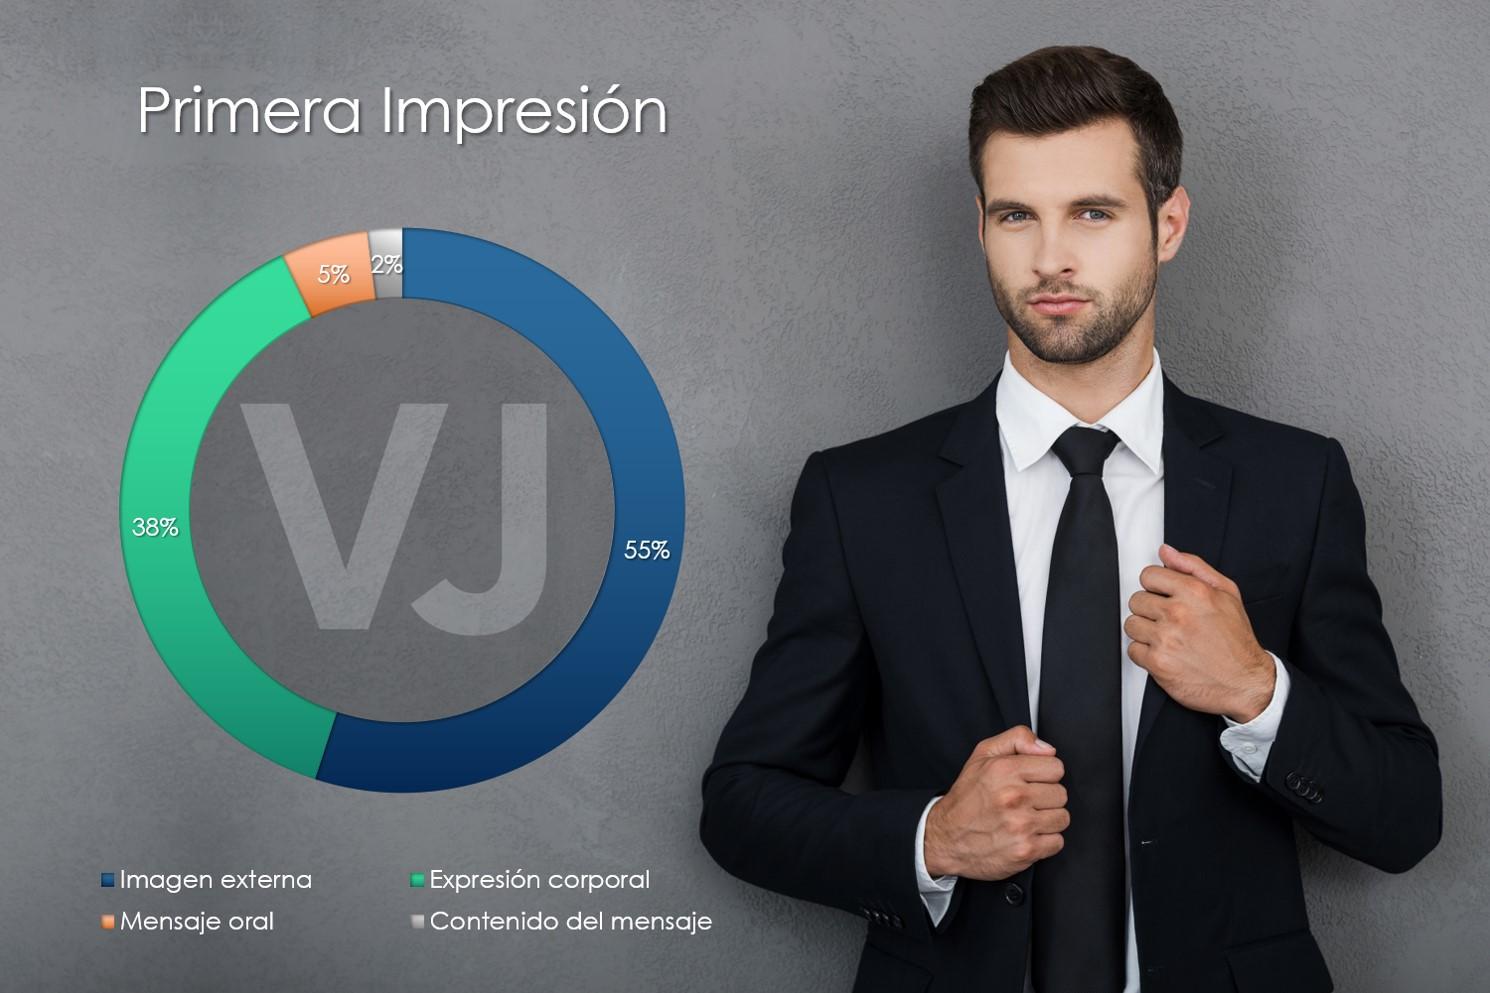 infografía primera impresión vj asesores de imagen y comunicación para hombres